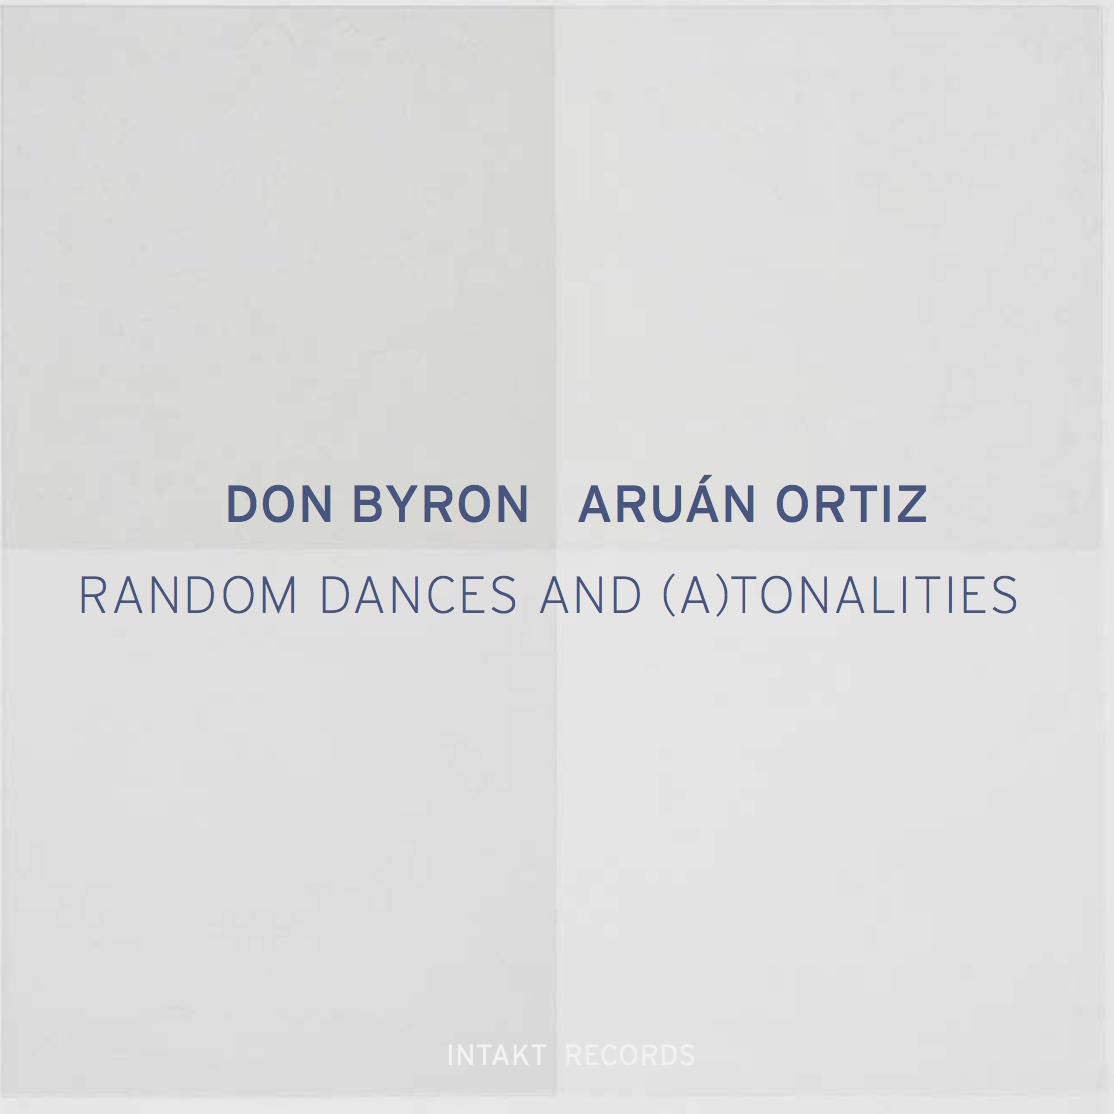 Random Dances and (A)tonalities_Album cover .png